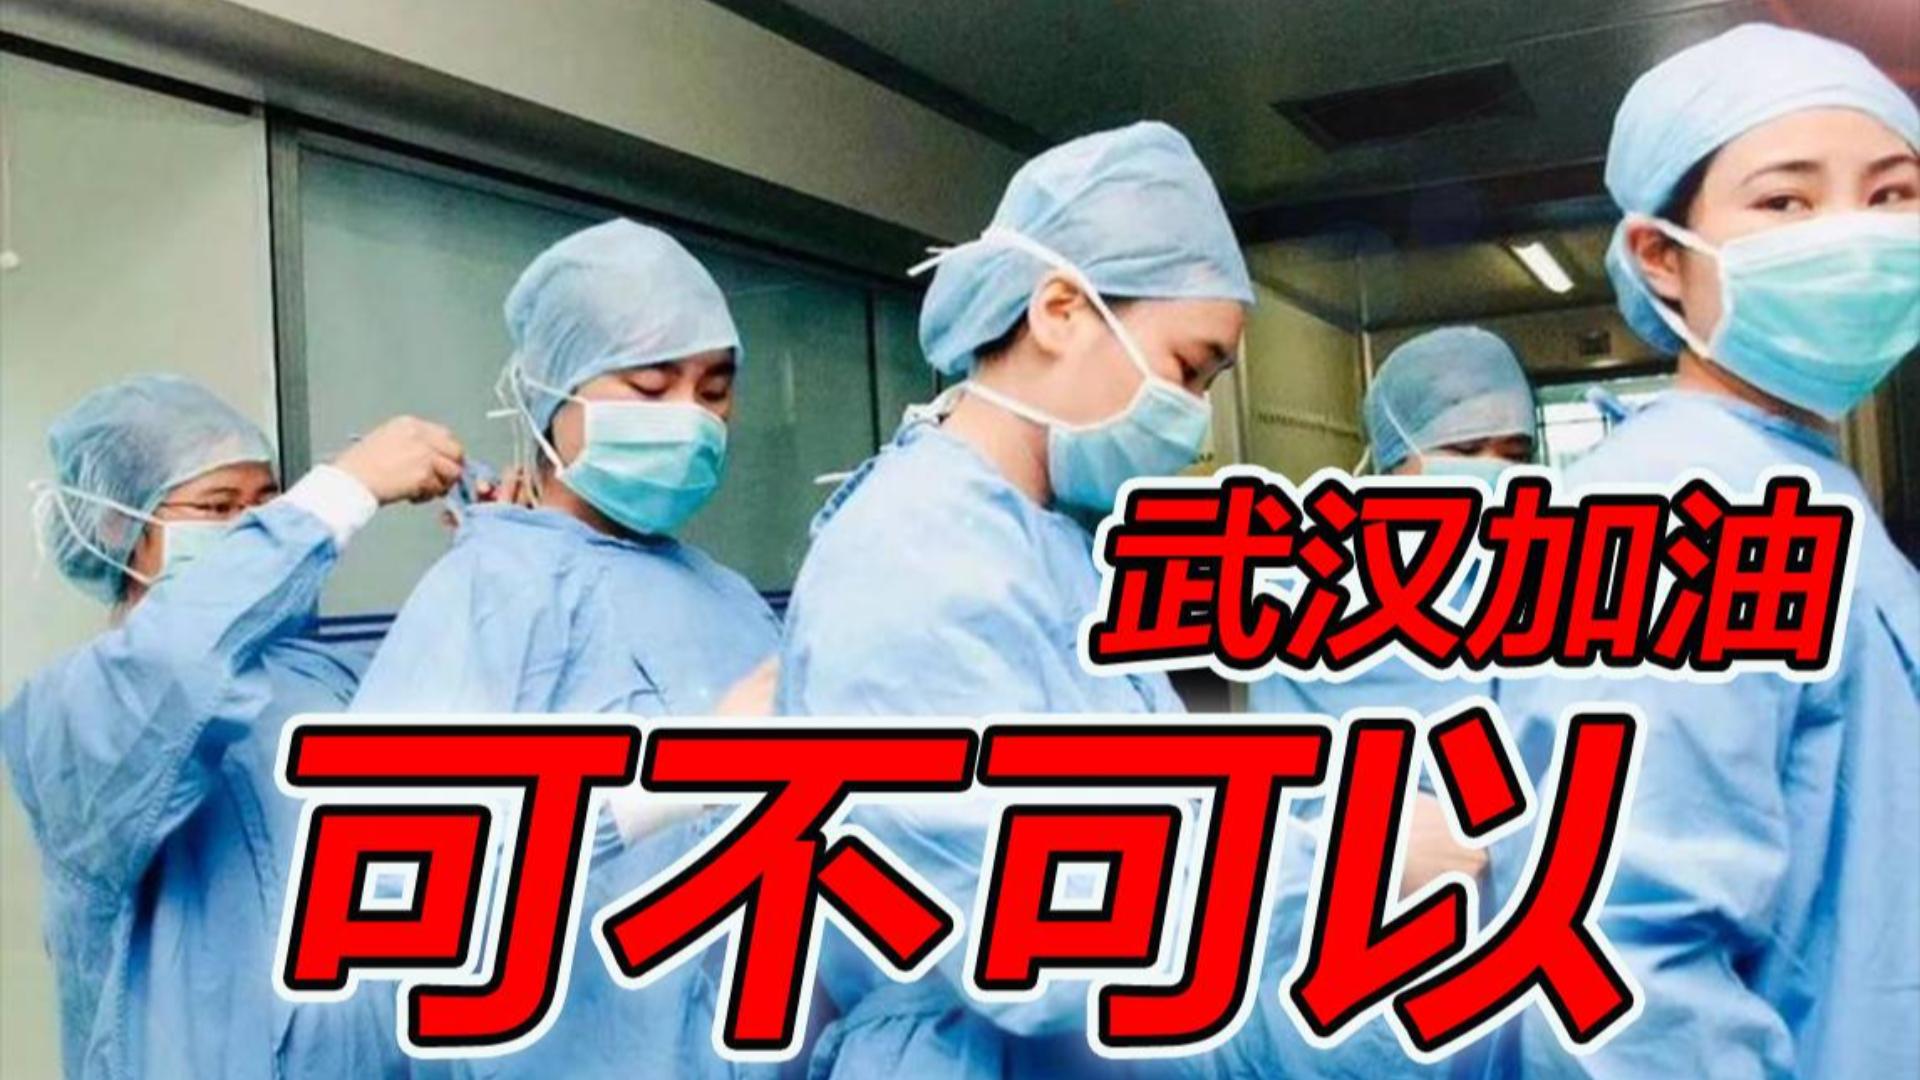 【抗击肺炎大作战】可不可以!(武汉加油!)